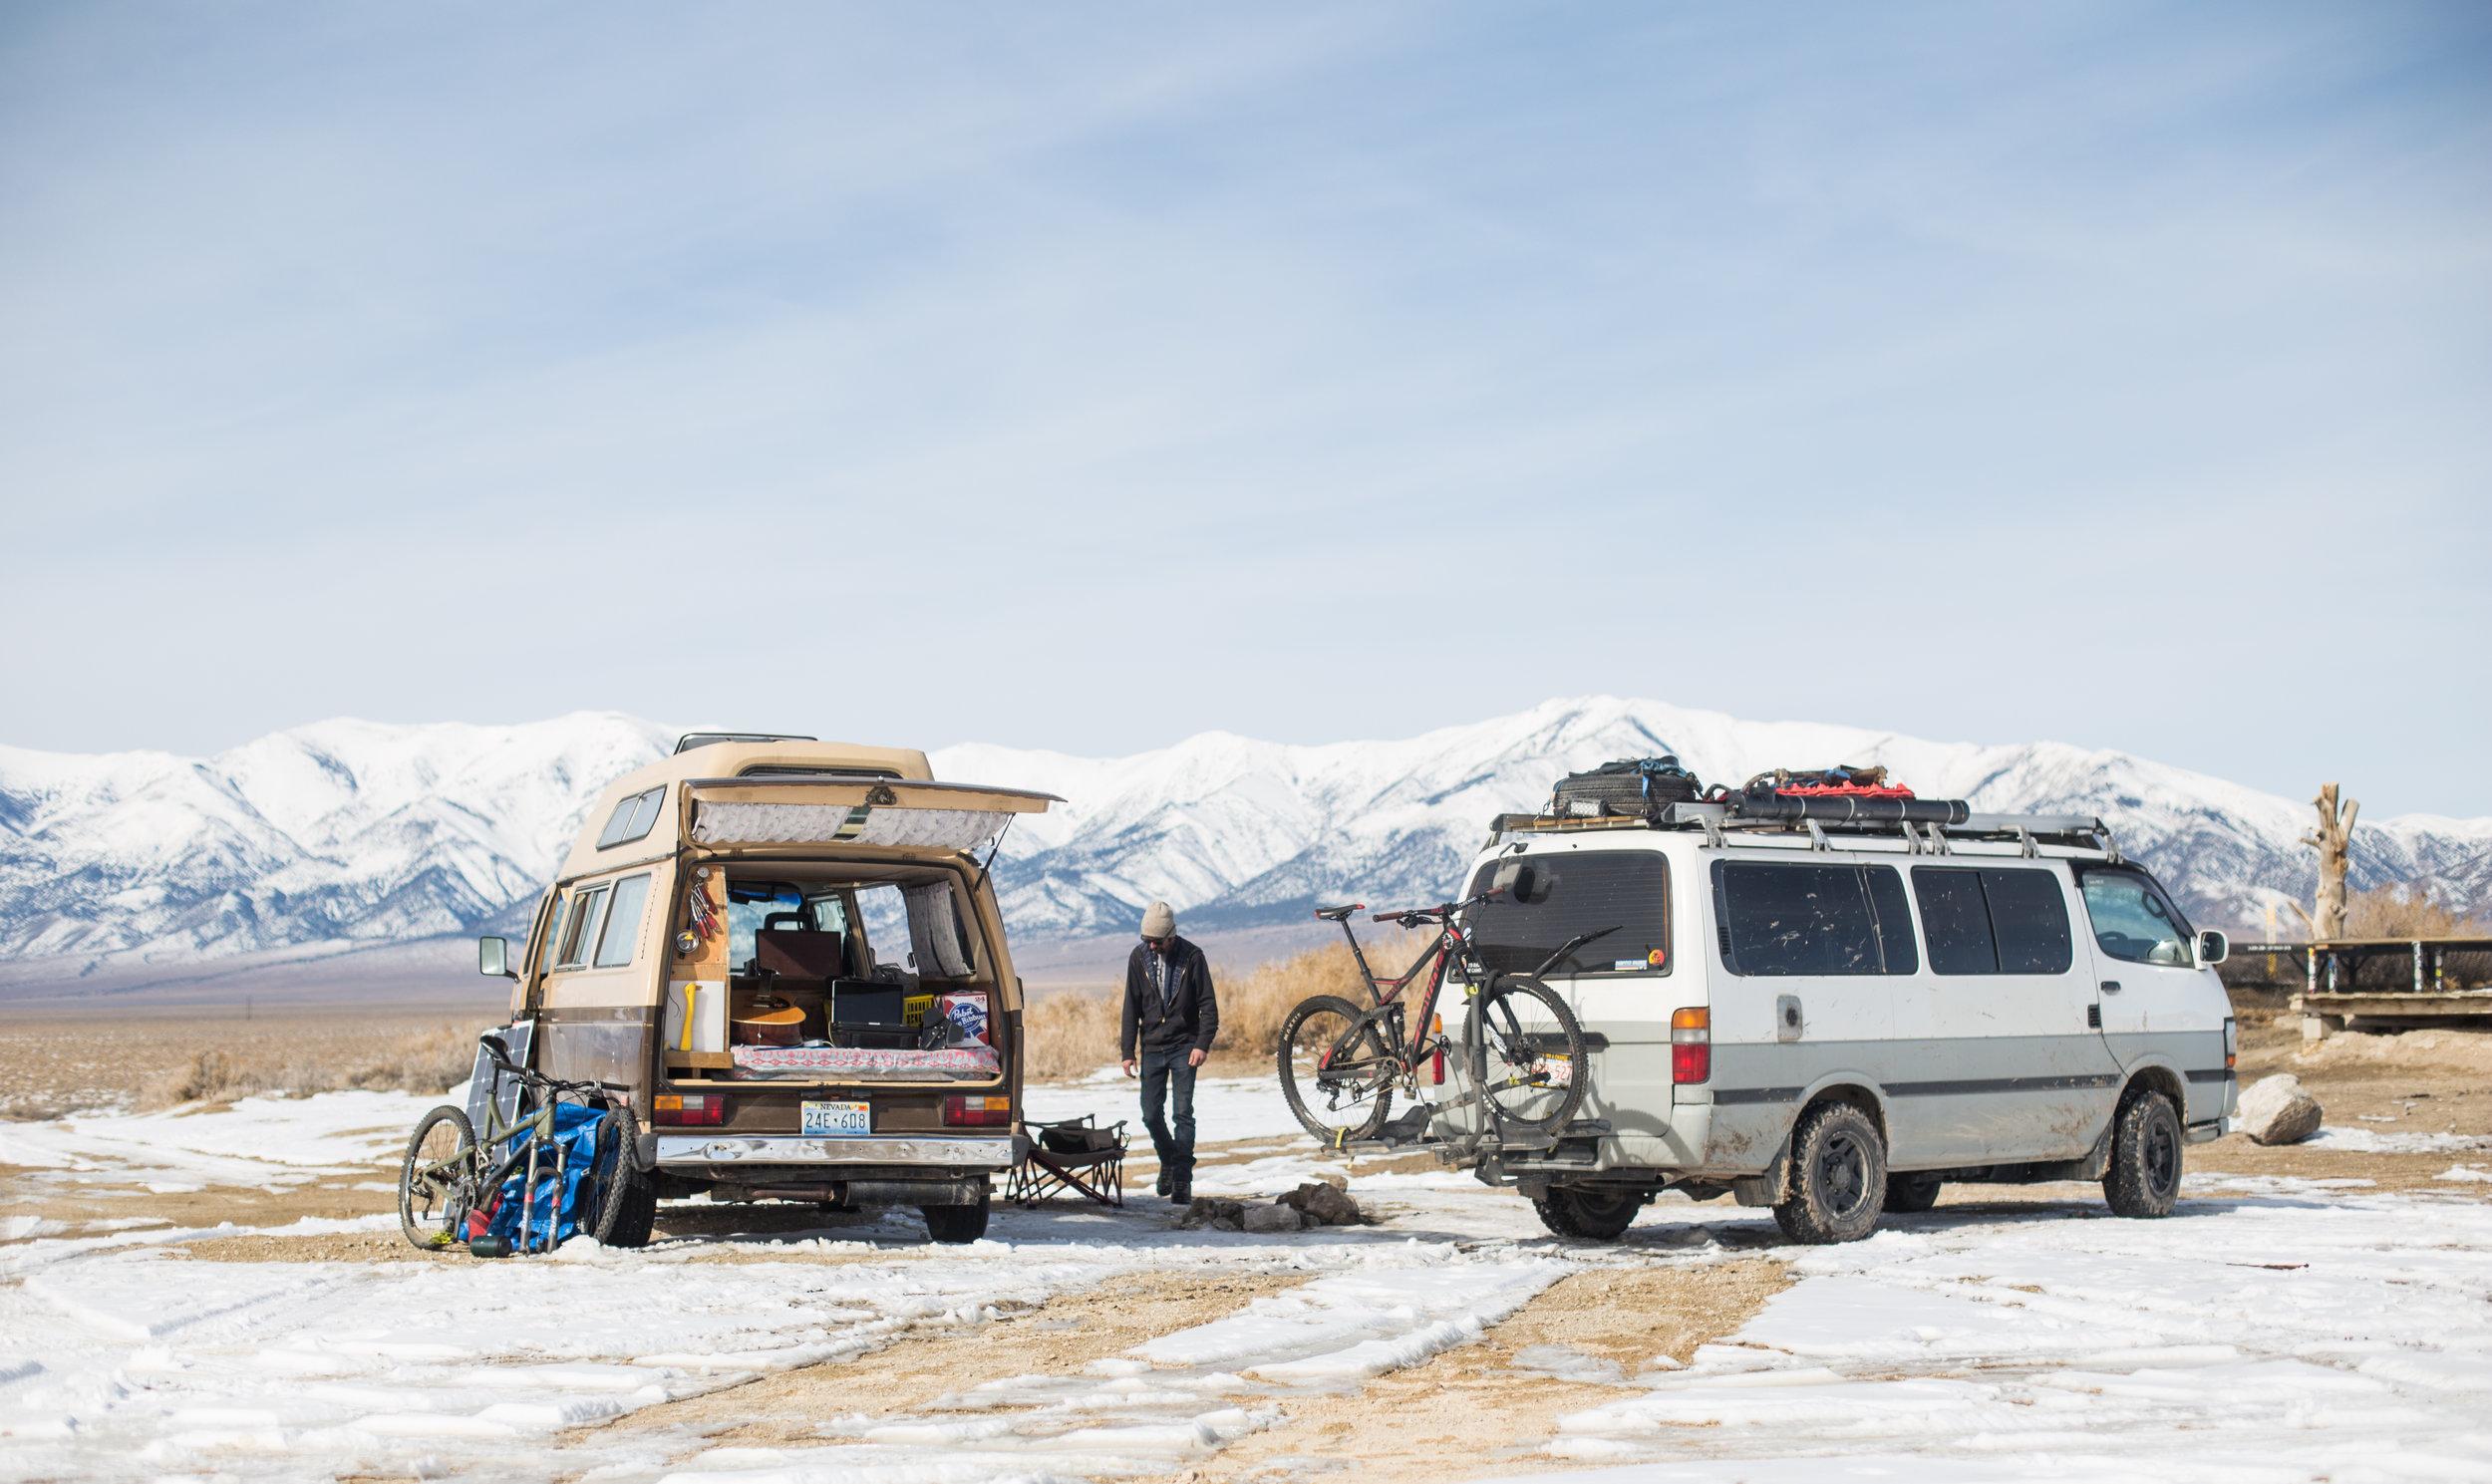 Making van friends along the way, as always.